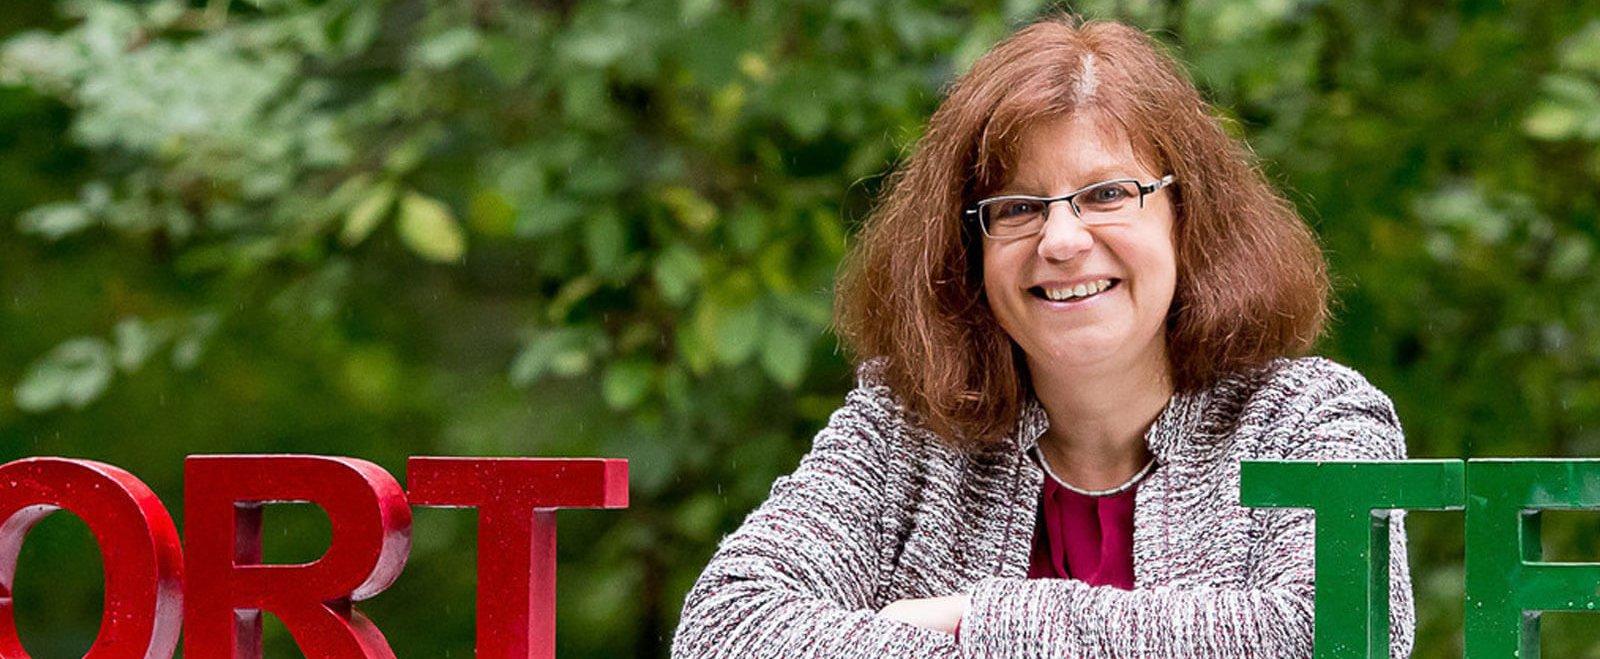 Lektorin, Buchbloggerin und Micro-Bibliotheksbetreiberin: Daniela Dreuth